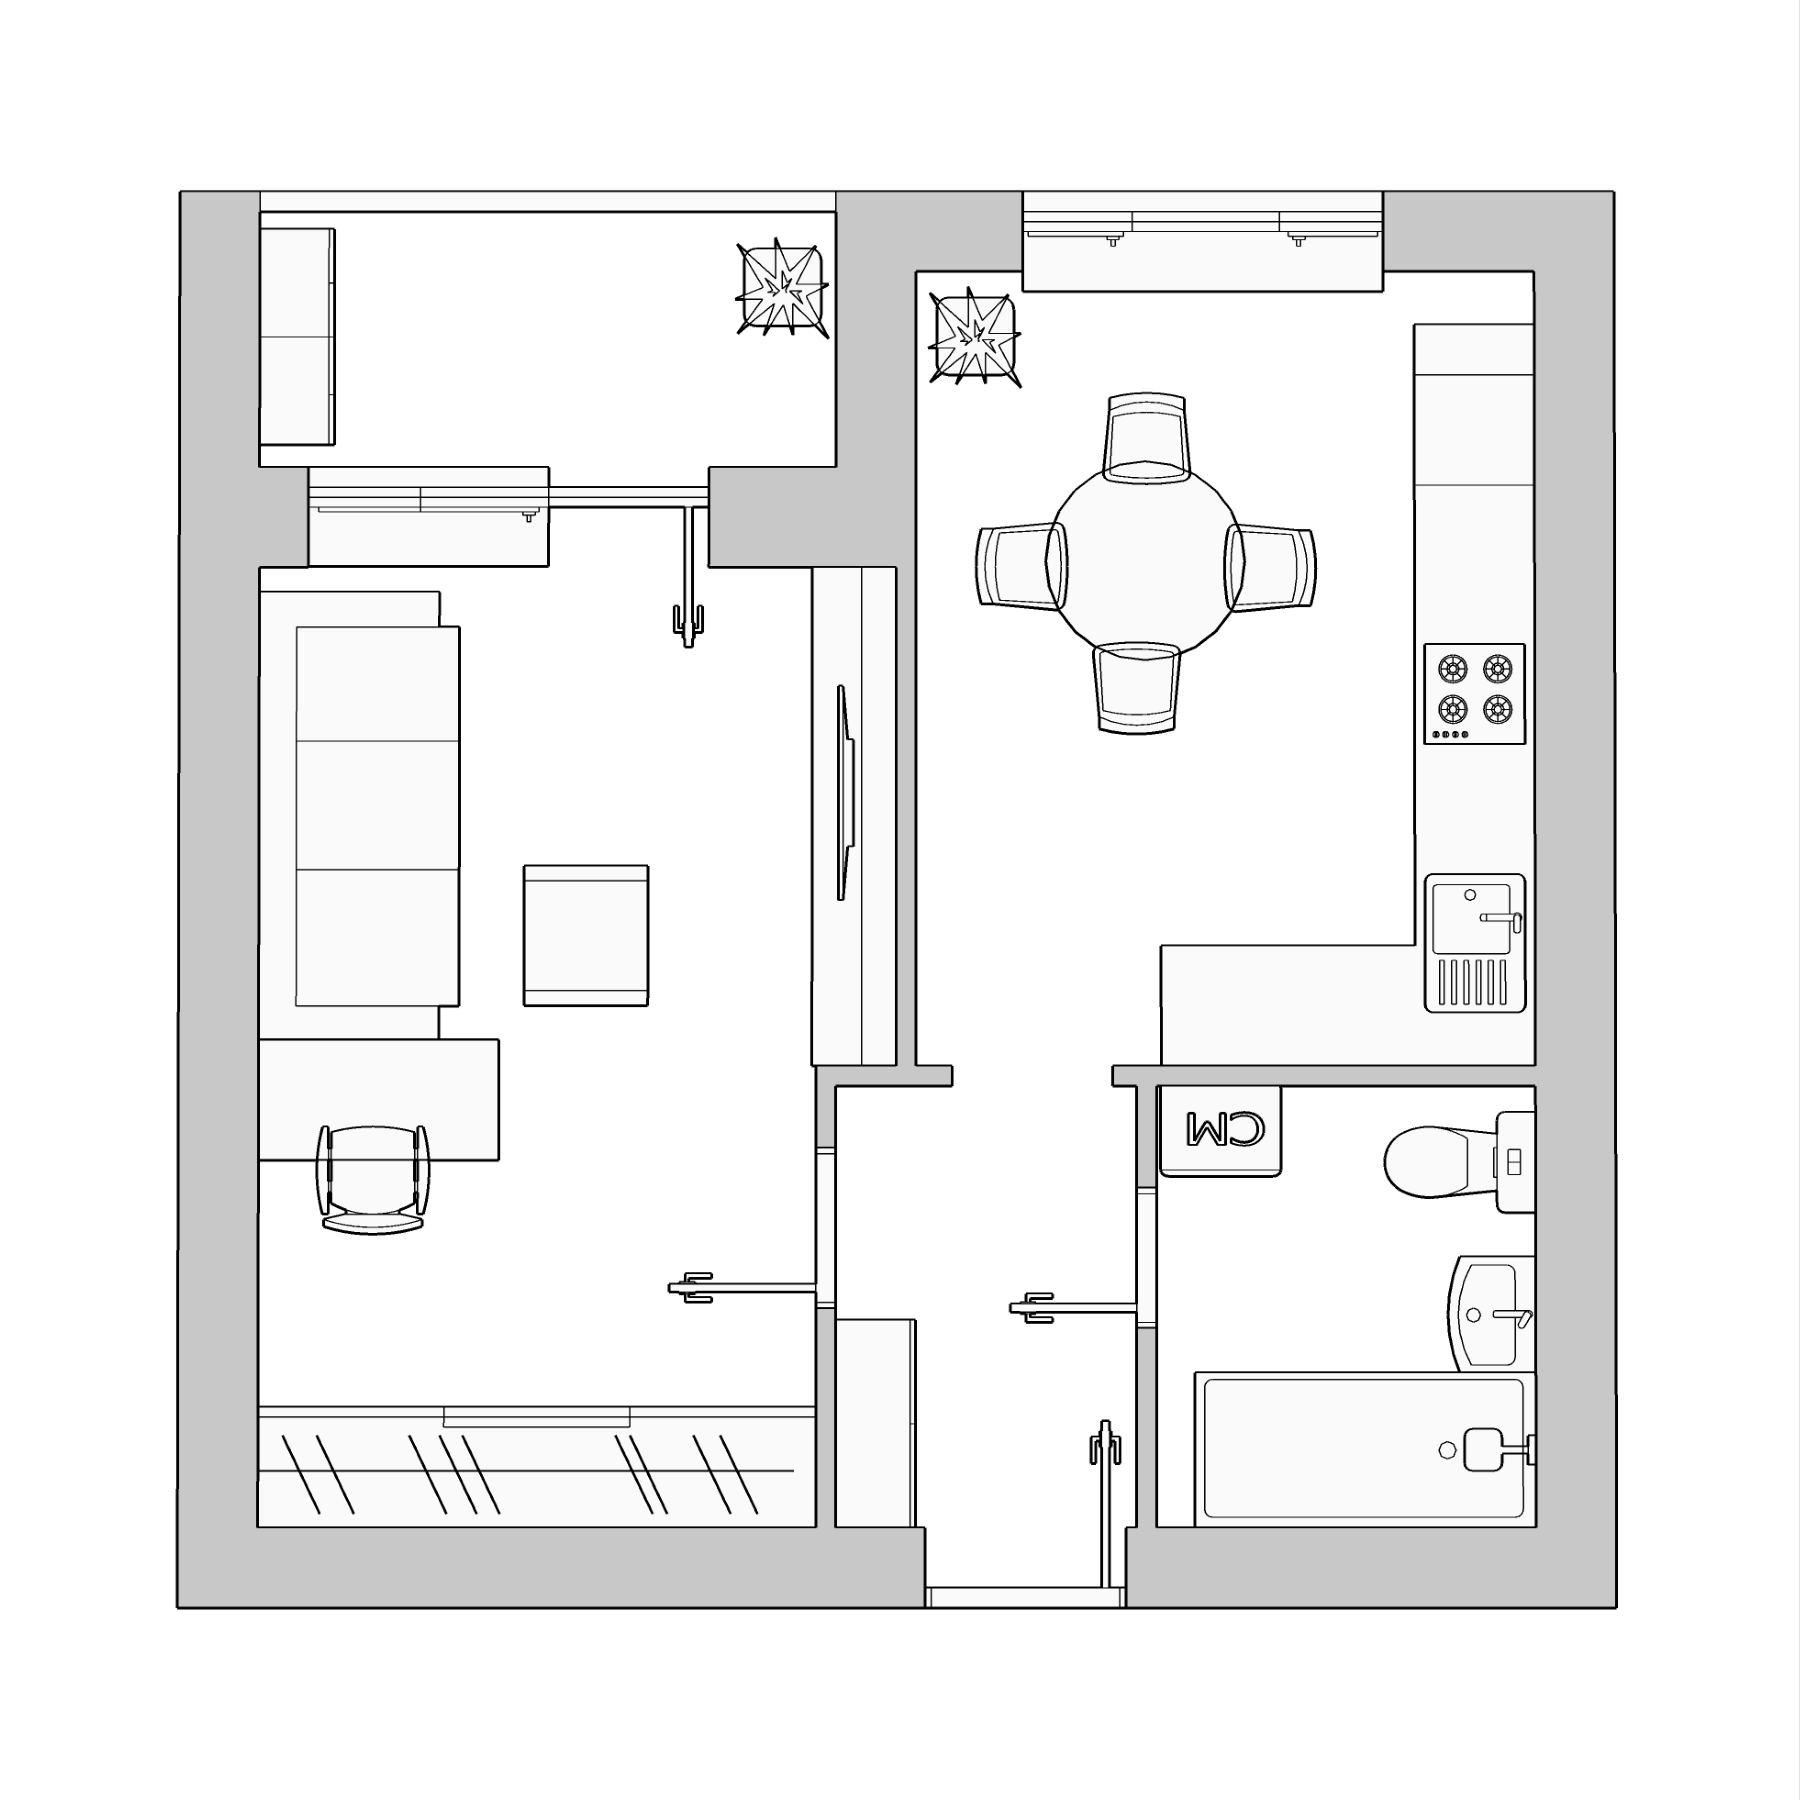 1-комнатная квартира 35.78